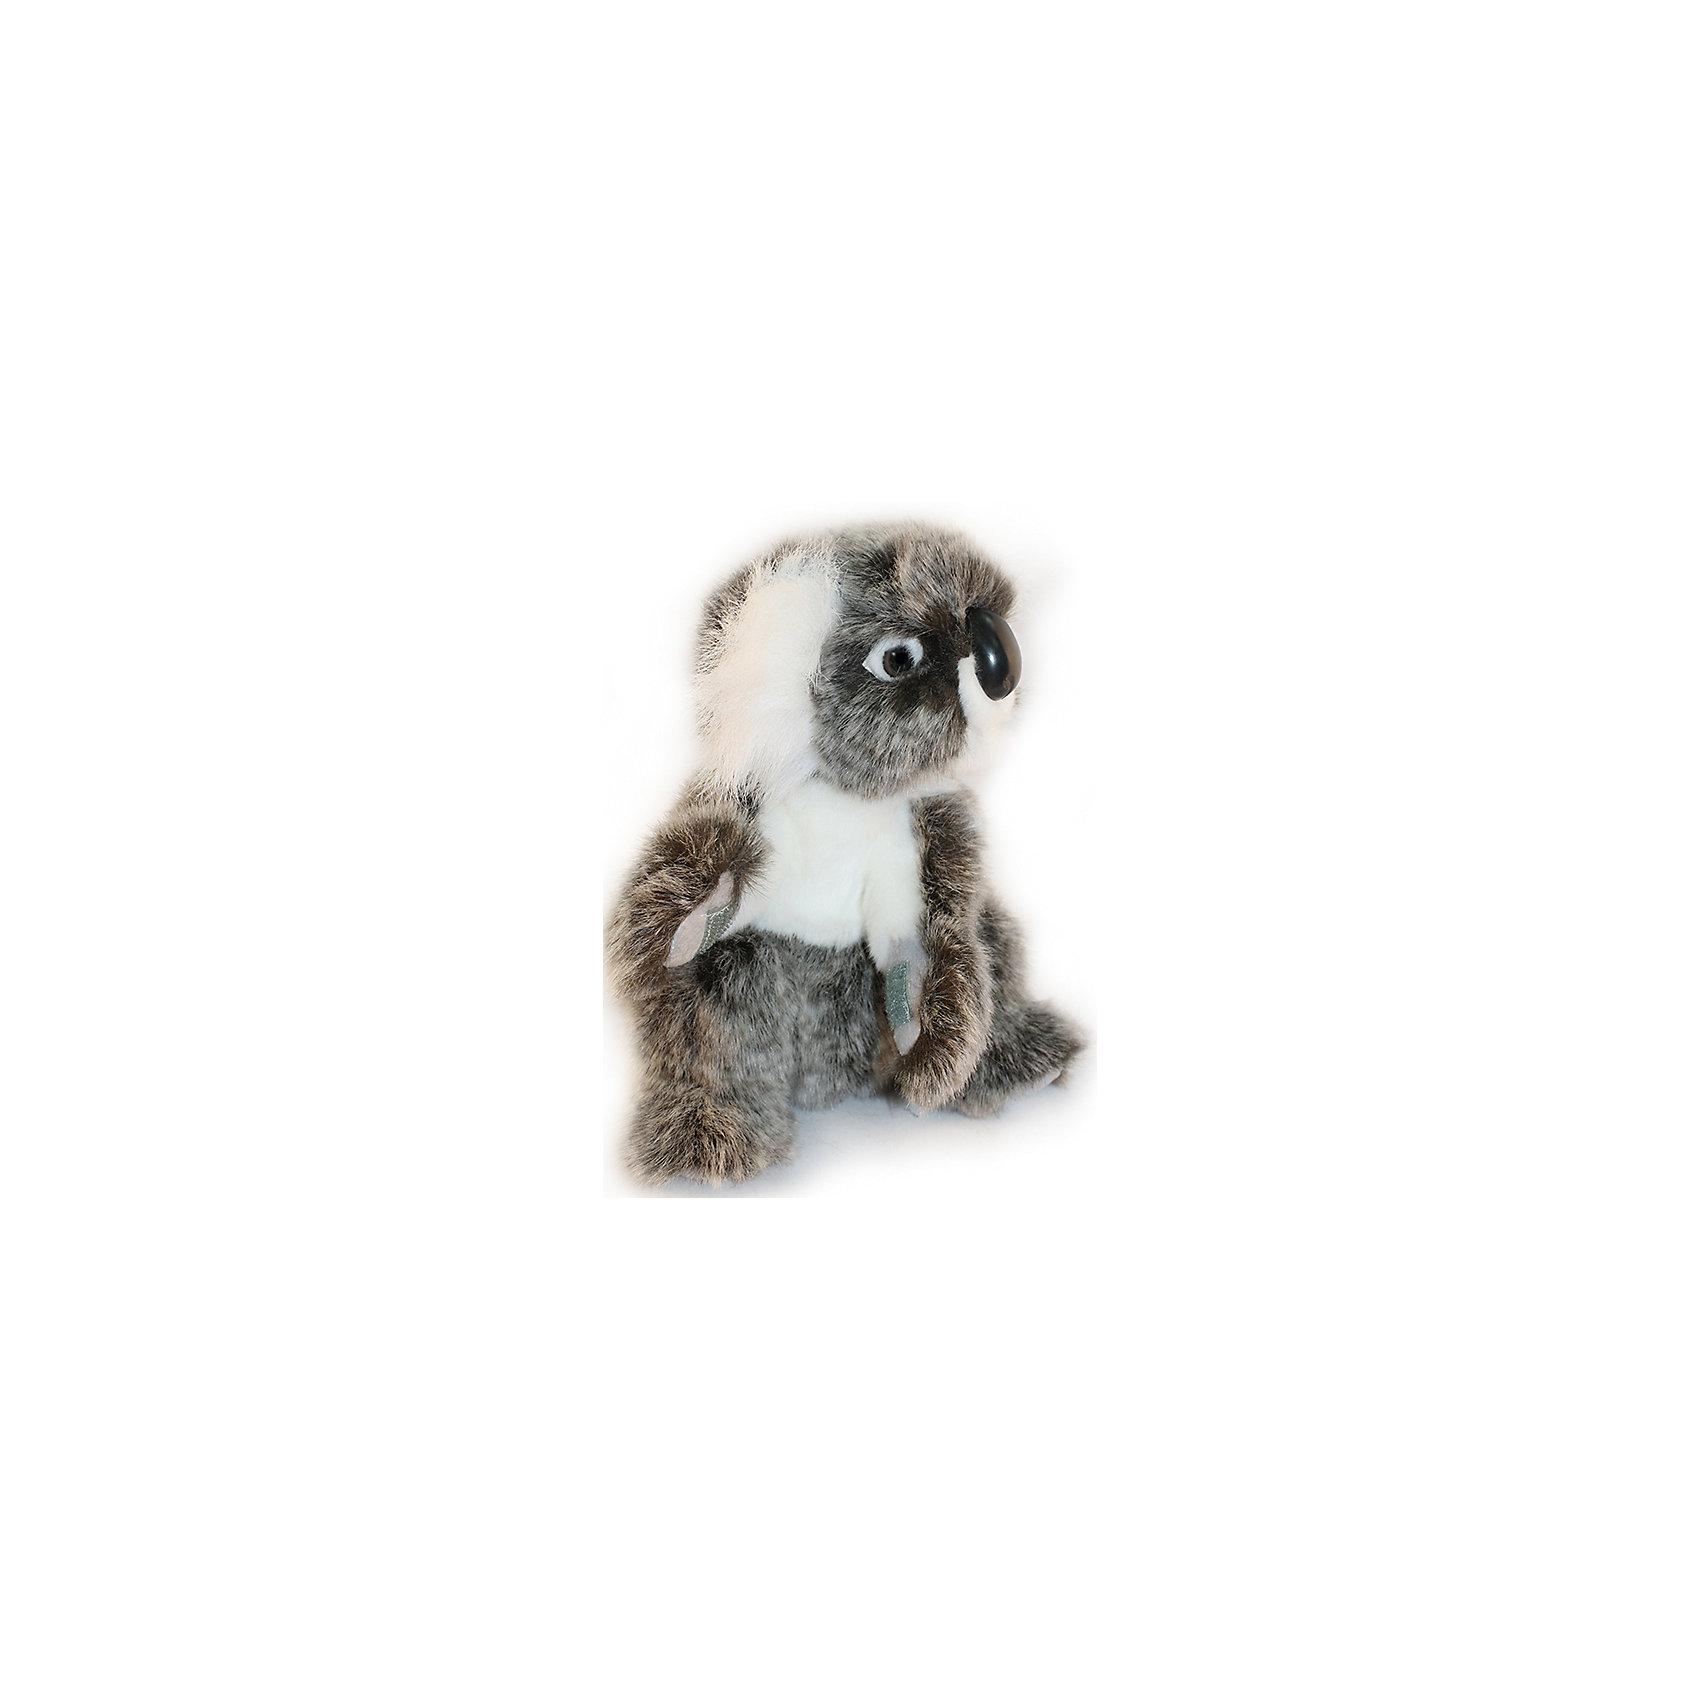 Коала, 21 смКоала, 21 см – игрушка от знаменитого бренда Hansa, специализирующегося на выпуске мягких игрушек с высокой степенью натуралистичности. Внешний вид игрушки полностью соответствует своему реальному прототипу – коале. Она выполнена из искусственного меха с ворсом средней длины меланжевого окраса. Использованные материалы обладают гипоаллергенными свойствами. Внутри игрушки имеется металлический каркас, позволяющий изменять положение. <br>Игрушка относится к серии Дикие животные. <br>Мягкие игрушки от Hansa подходят для сюжетно-ролевых игр, для обучающих игр, направленных на знакомство с животным миром дикой природы. Кроме того, их можно использовать в качестве интерьерных игрушек. Коллекция из нескольких игрушек позволяет создать свой домашний зоопарк, который будет радовать вашего ребенка долгое время, так как ручная работа и качественные материалы гарантируют их долговечность и прочность.<br><br>Дополнительная информация:<br><br>- Вид игр: сюжетно-ролевые игры, коллекционирование, интерьерные игрушки<br>- Предназначение: для дома, для детских развивающих центров, для детских садов<br>- Материал: искусственный мех, наполнитель ? полиэфирное волокно<br>- Размер (ДхШхВ): 16*21*15 см<br>- Вес: 270 г<br>- Особенности ухода: сухая чистка при помощи пылесоса или щетки для одежды<br><br>Подробнее:<br><br>• Для детей в возрасте: от 3 лет <br>• Страна производитель: Филиппины<br>• Торговый бренд: Hansa<br><br>Коалу, 21 см можно купить в нашем интернет-магазине.<br><br>Ширина мм: 16<br>Глубина мм: 21<br>Высота мм: 15<br>Вес г: 270<br>Возраст от месяцев: 36<br>Возраст до месяцев: 2147483647<br>Пол: Унисекс<br>Возраст: Детский<br>SKU: 4927143